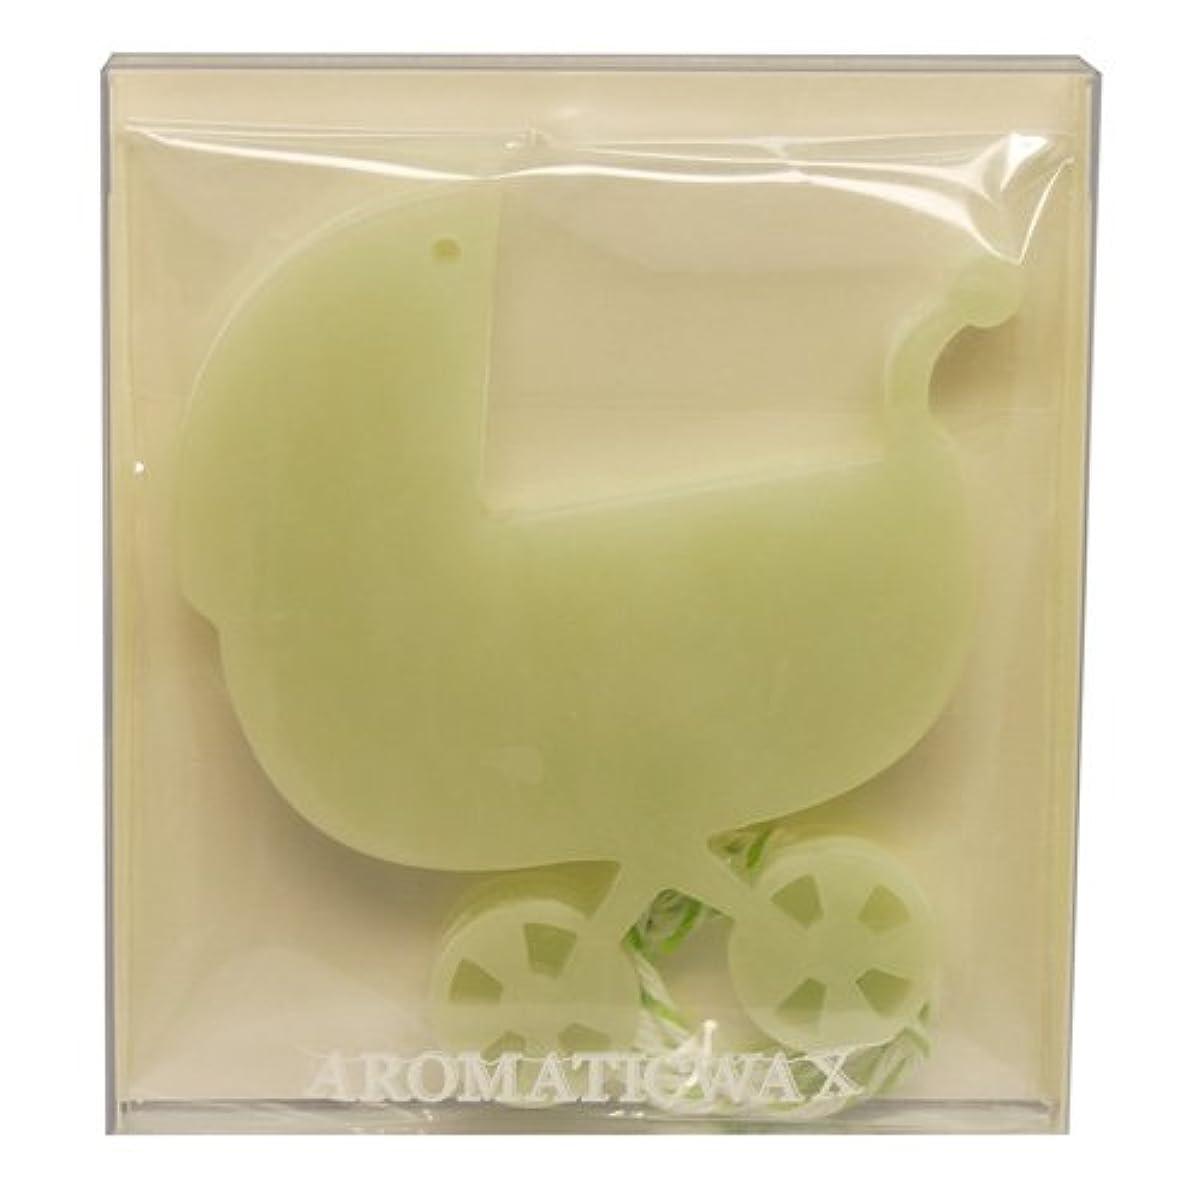 透過性廃止パイプGRASSE TOKYO AROMATICWAXチャーム「乳母車」(GR) レモングラス アロマティックワックス グラーストウキョウ